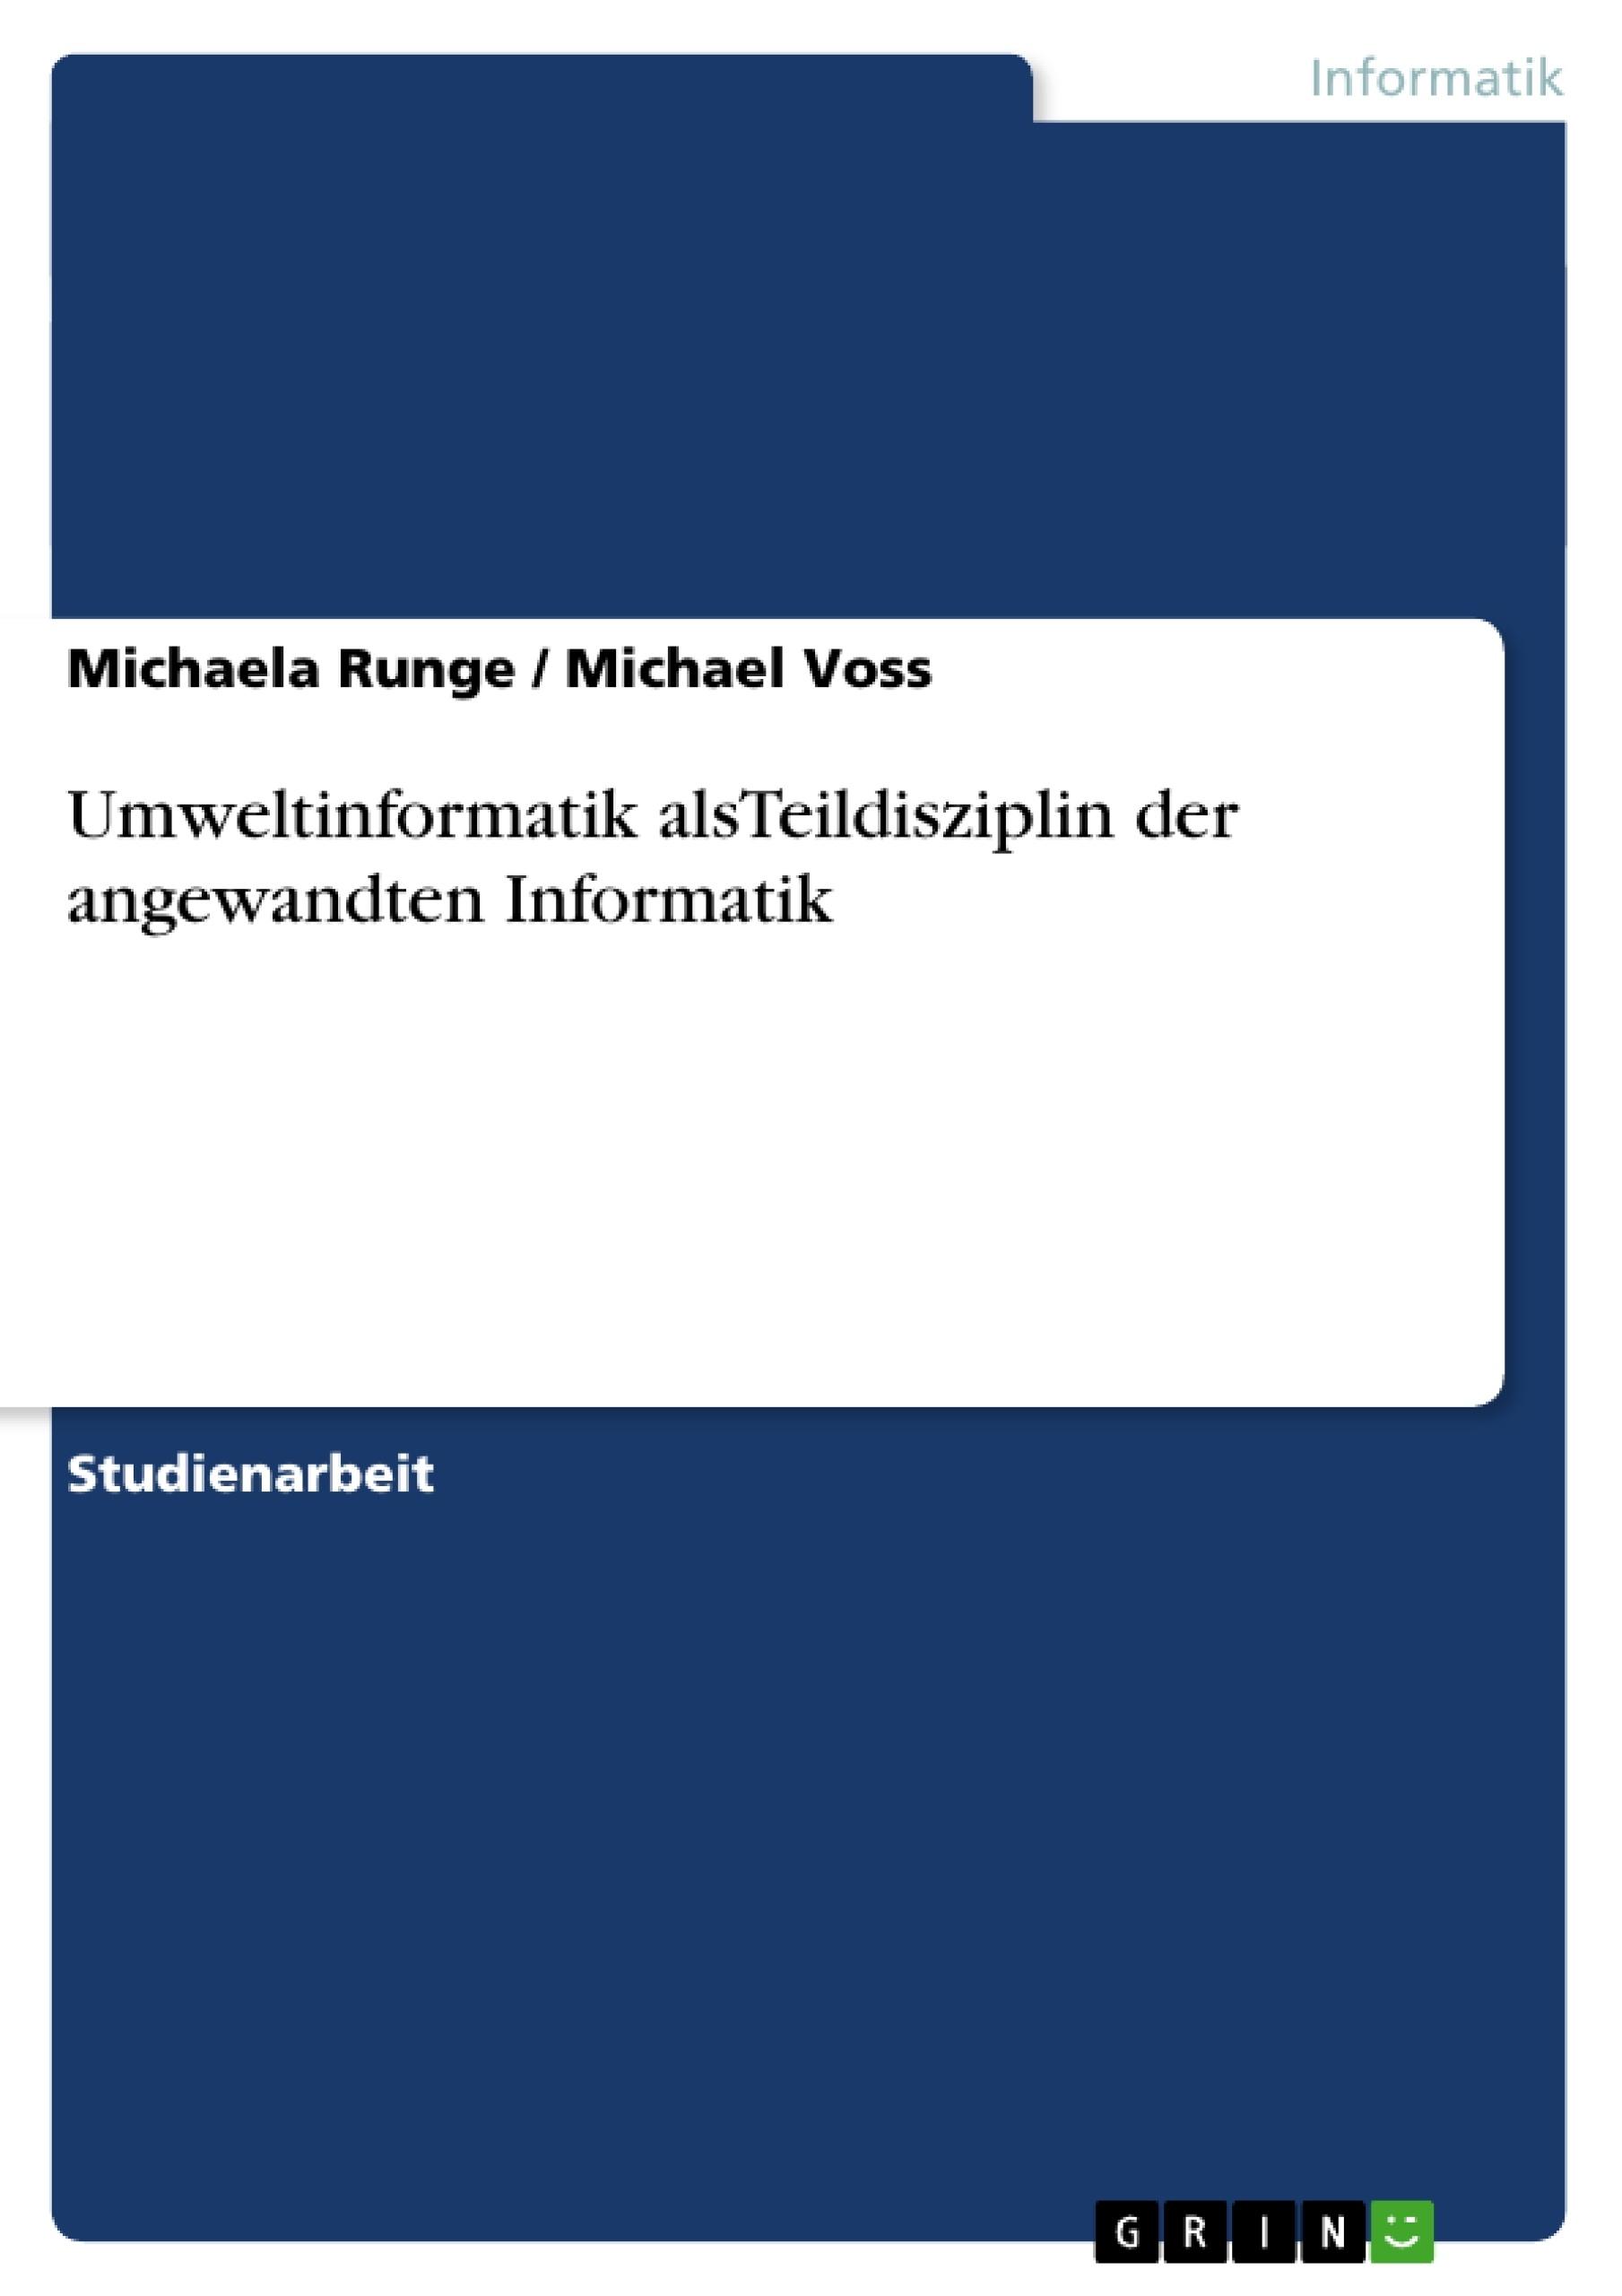 Titel: Umweltinformatik alsTeildisziplin der angewandten Informatik